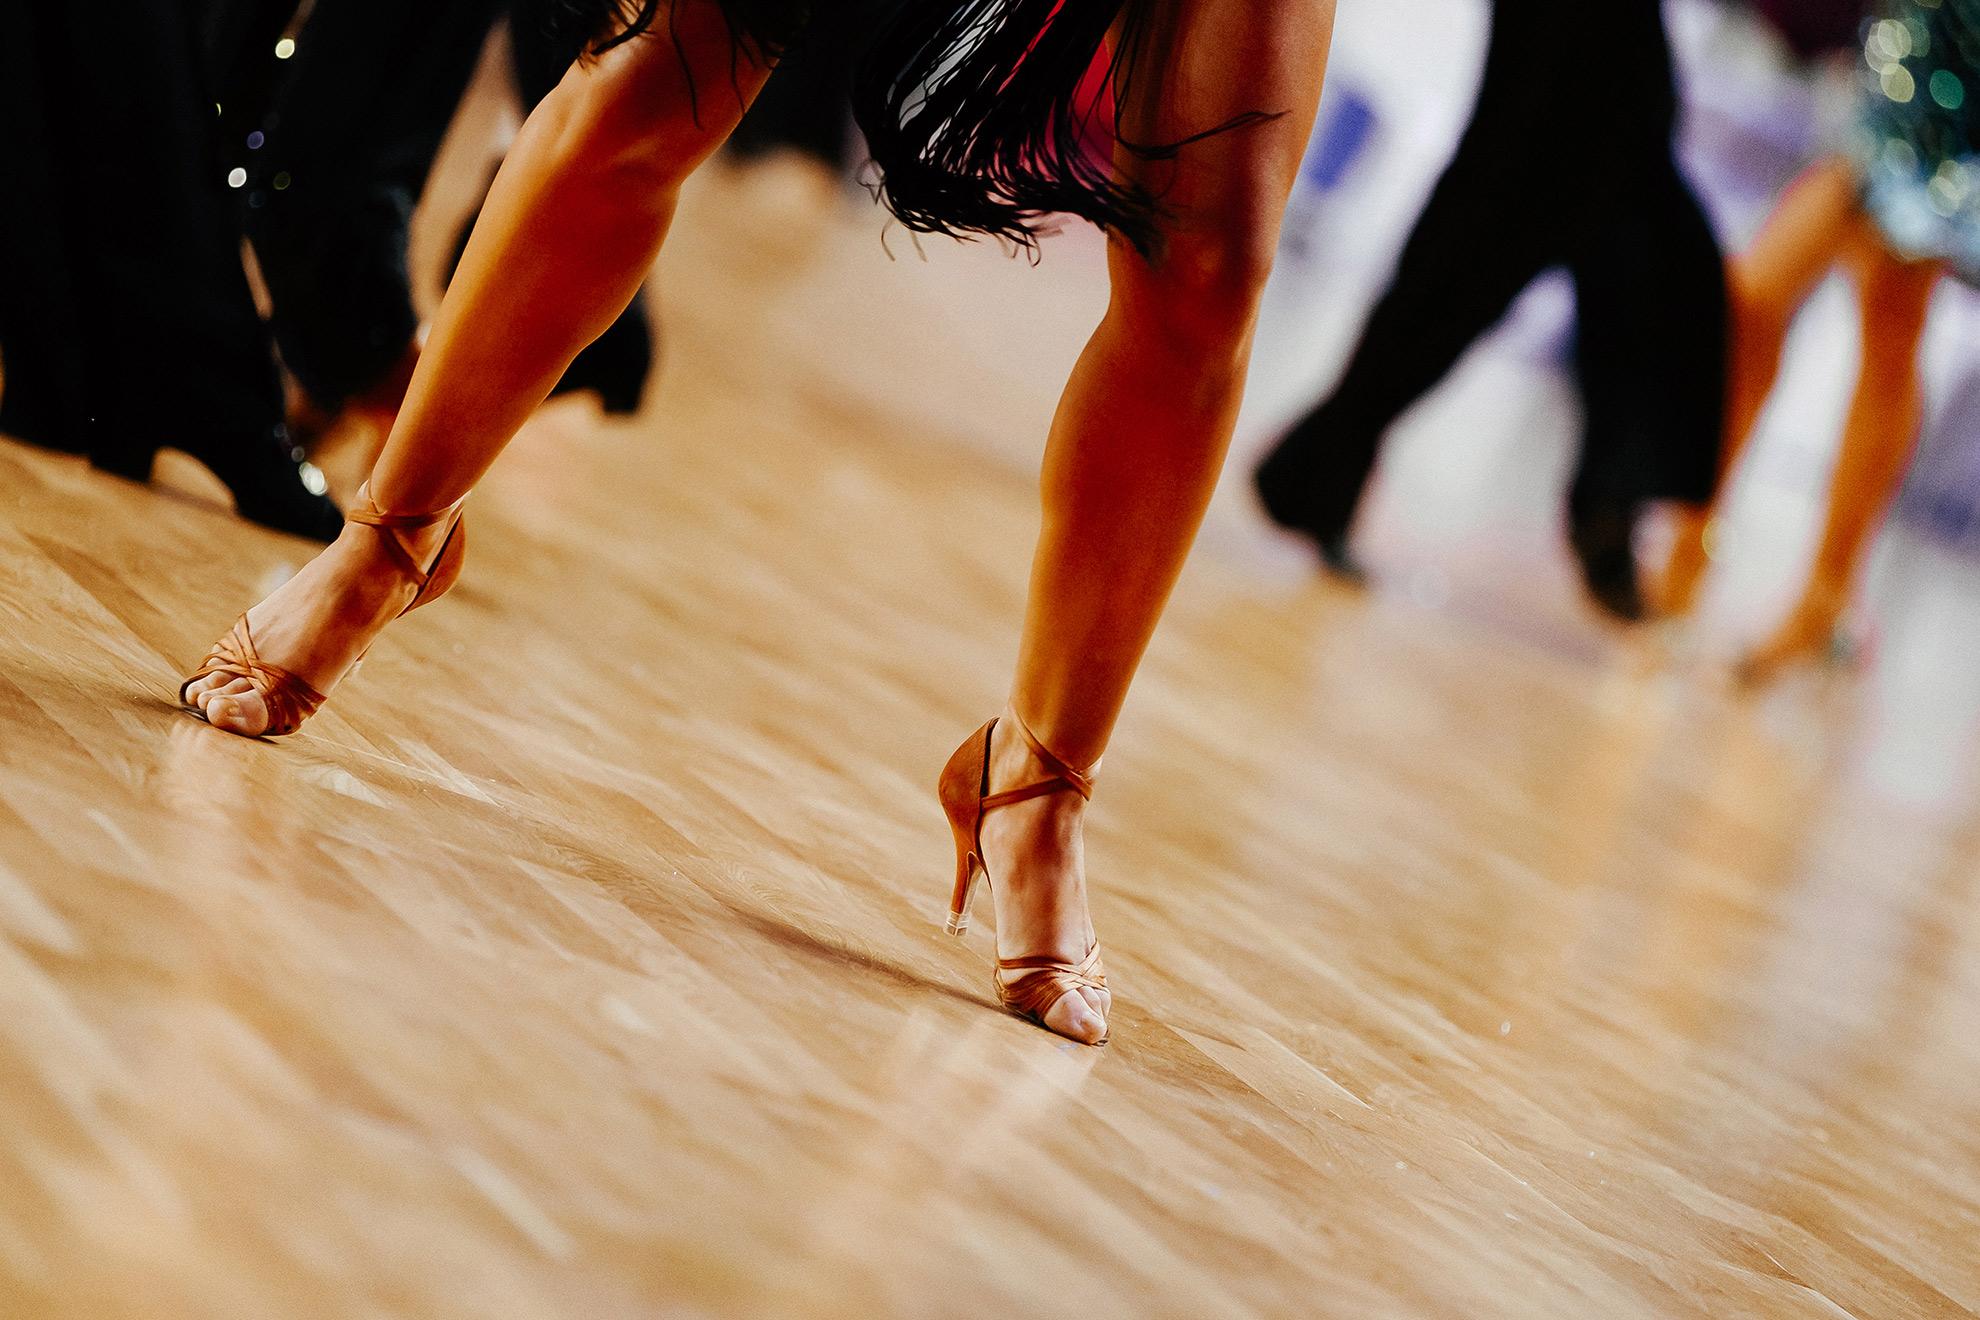 Kobiece nogi, ilustracja do artykułu o butach do grubszych nóg